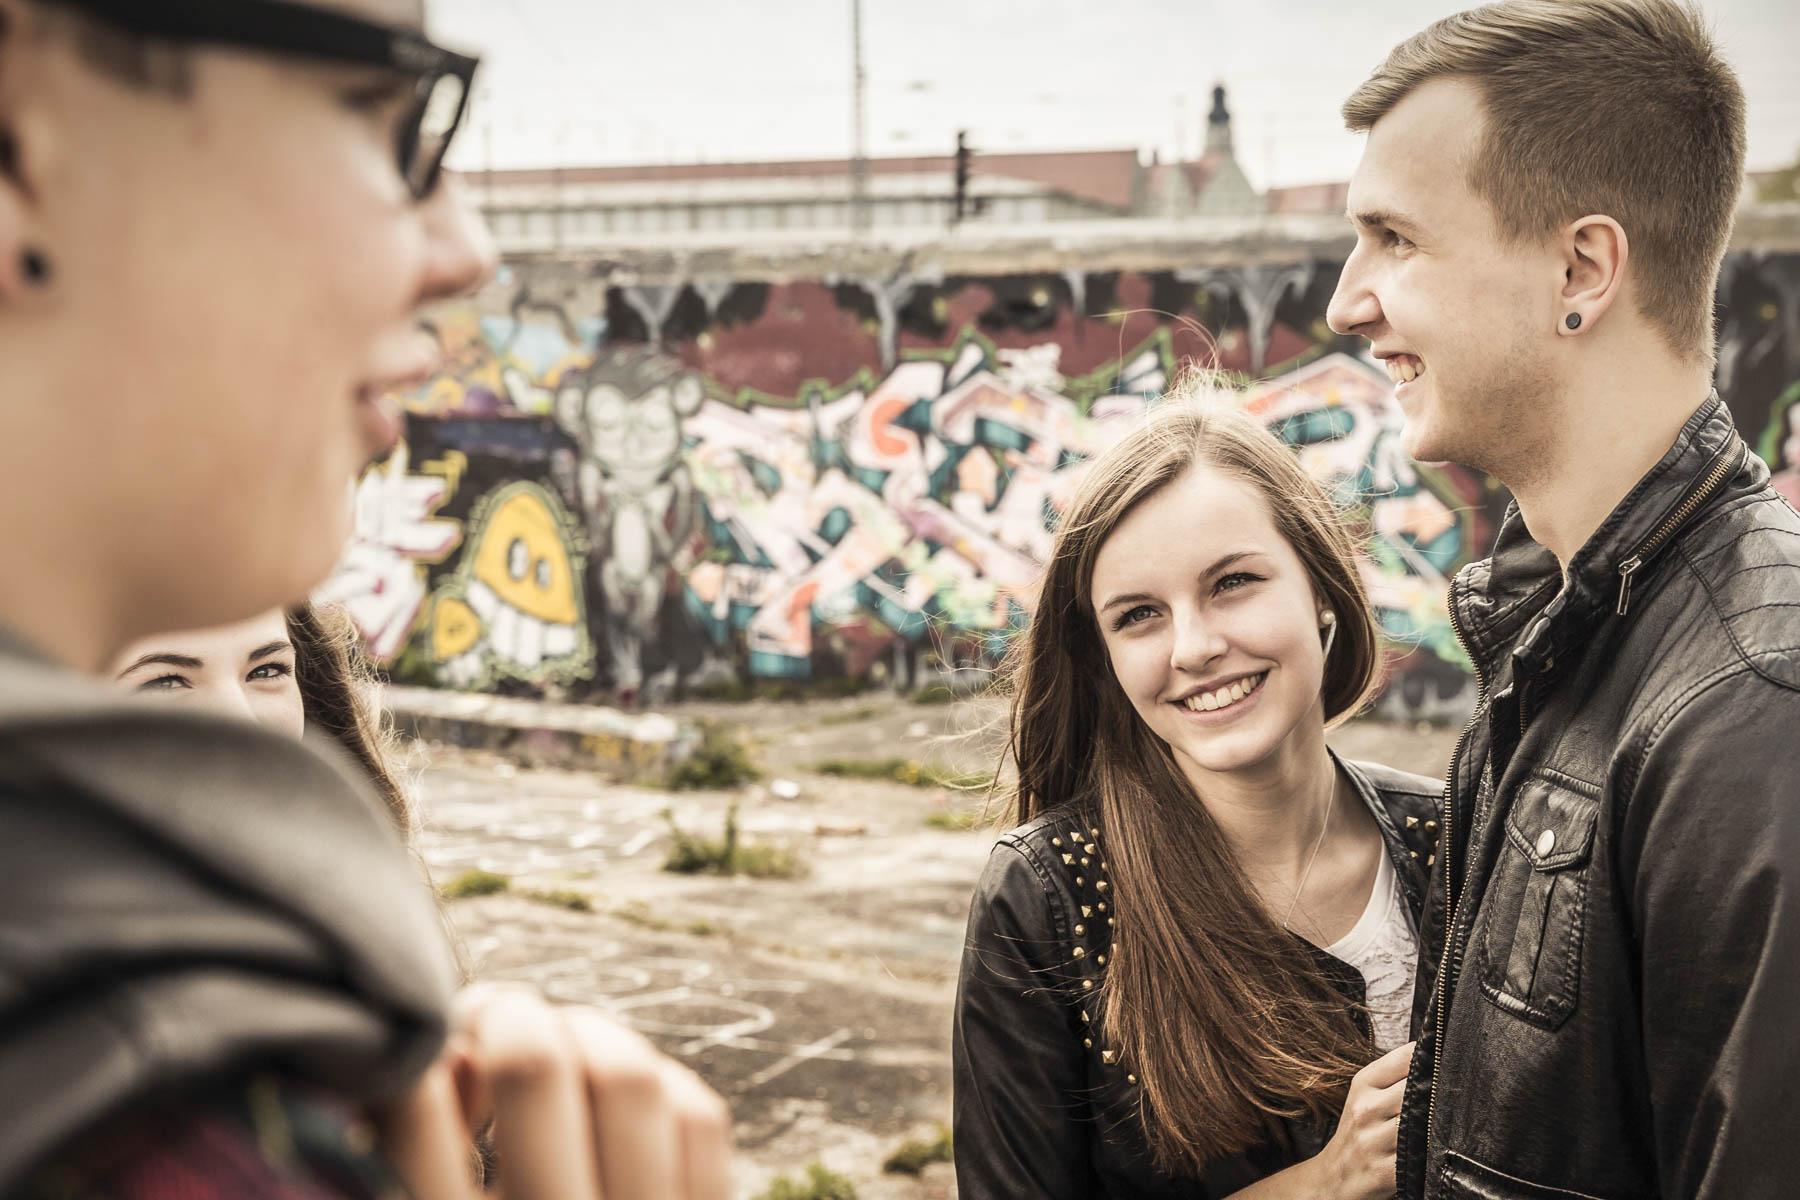 Gruppe Teenager hängen zusammen rum. Lifestyle - Derek Henthorn - Fotograf München